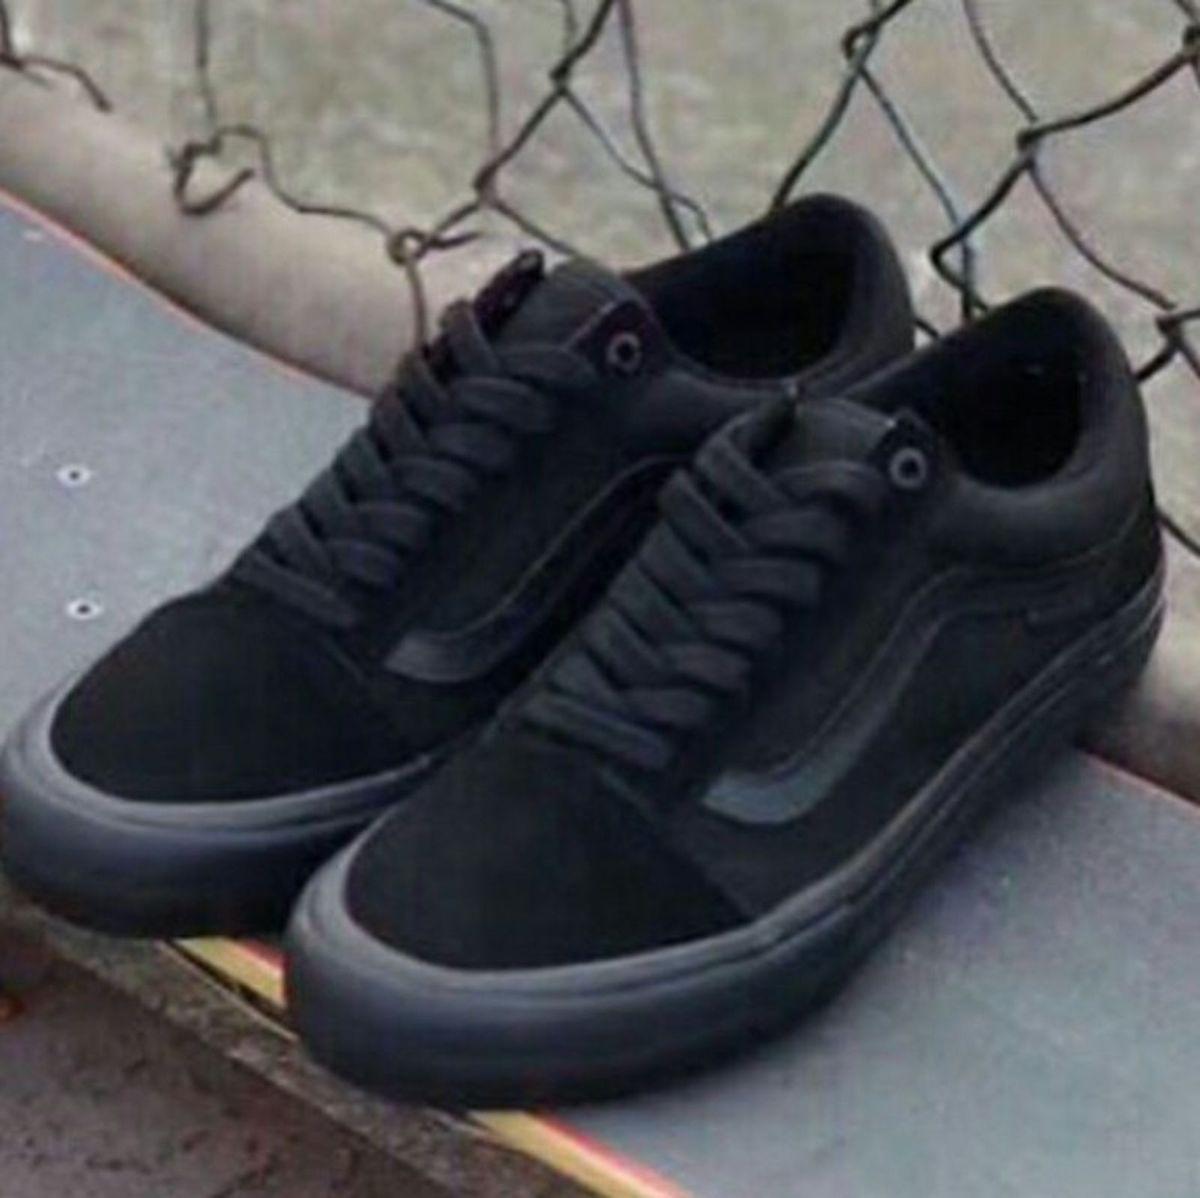 a1a7820f8907f Tênis Vans Old Skool Black | Tênis Feminino Vans Old Skool Nunca ...